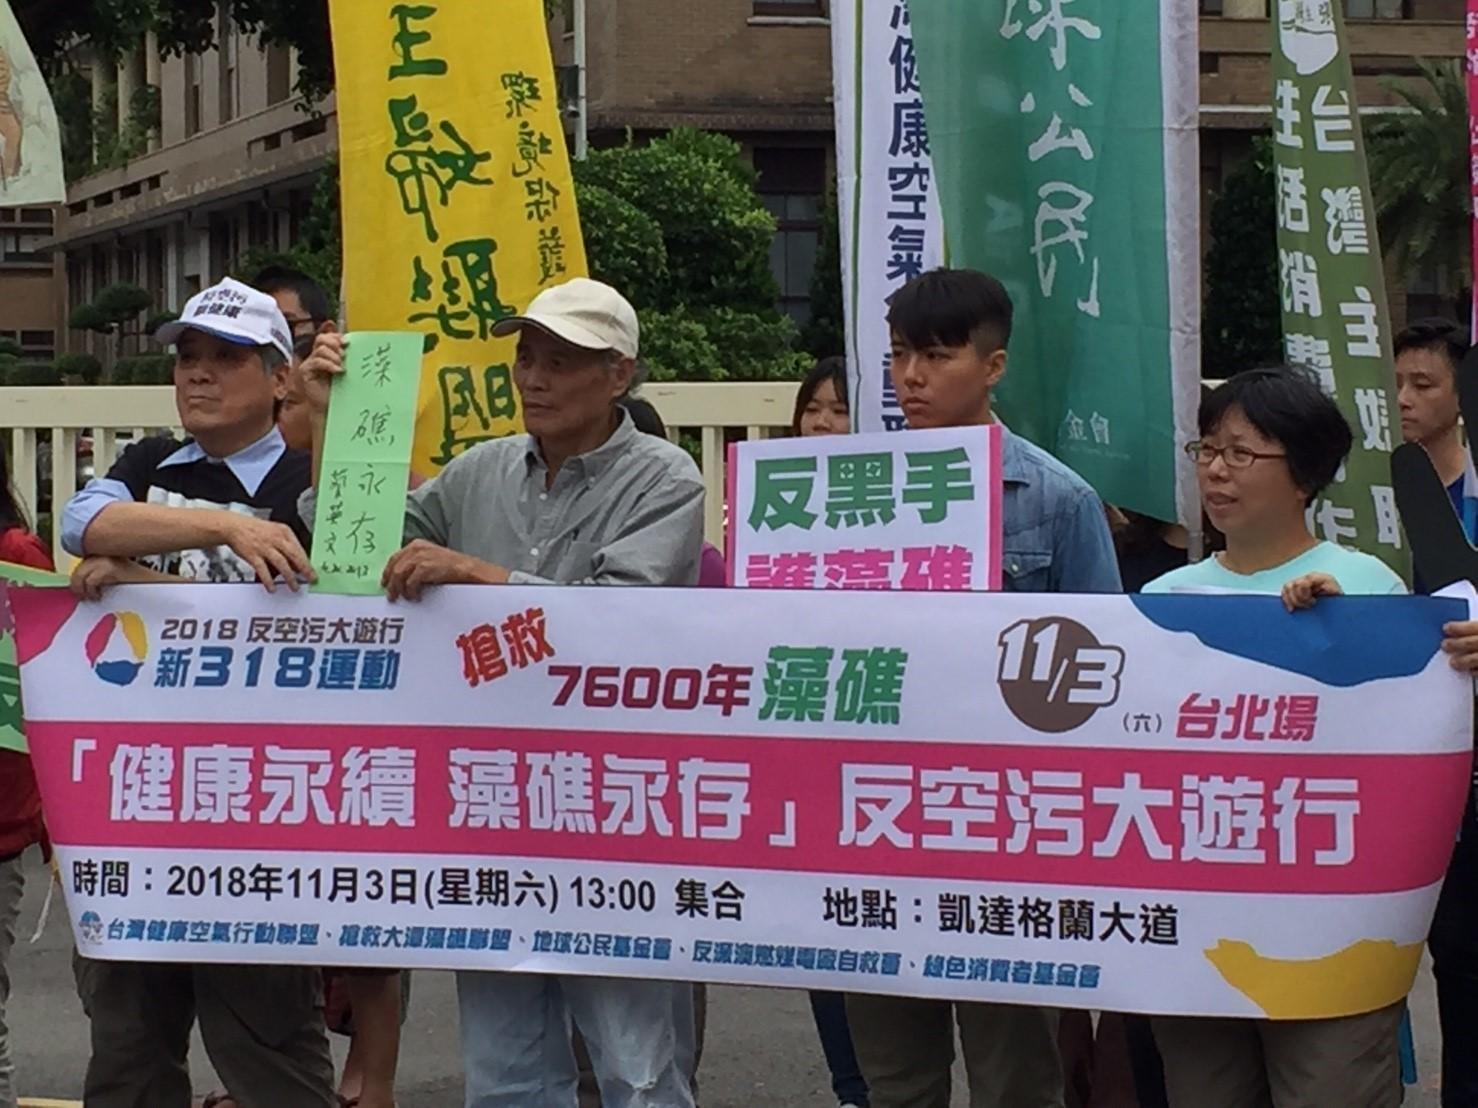 臺灣環團將集結萬人穿紅衣上凱道向臺當局吼不滿